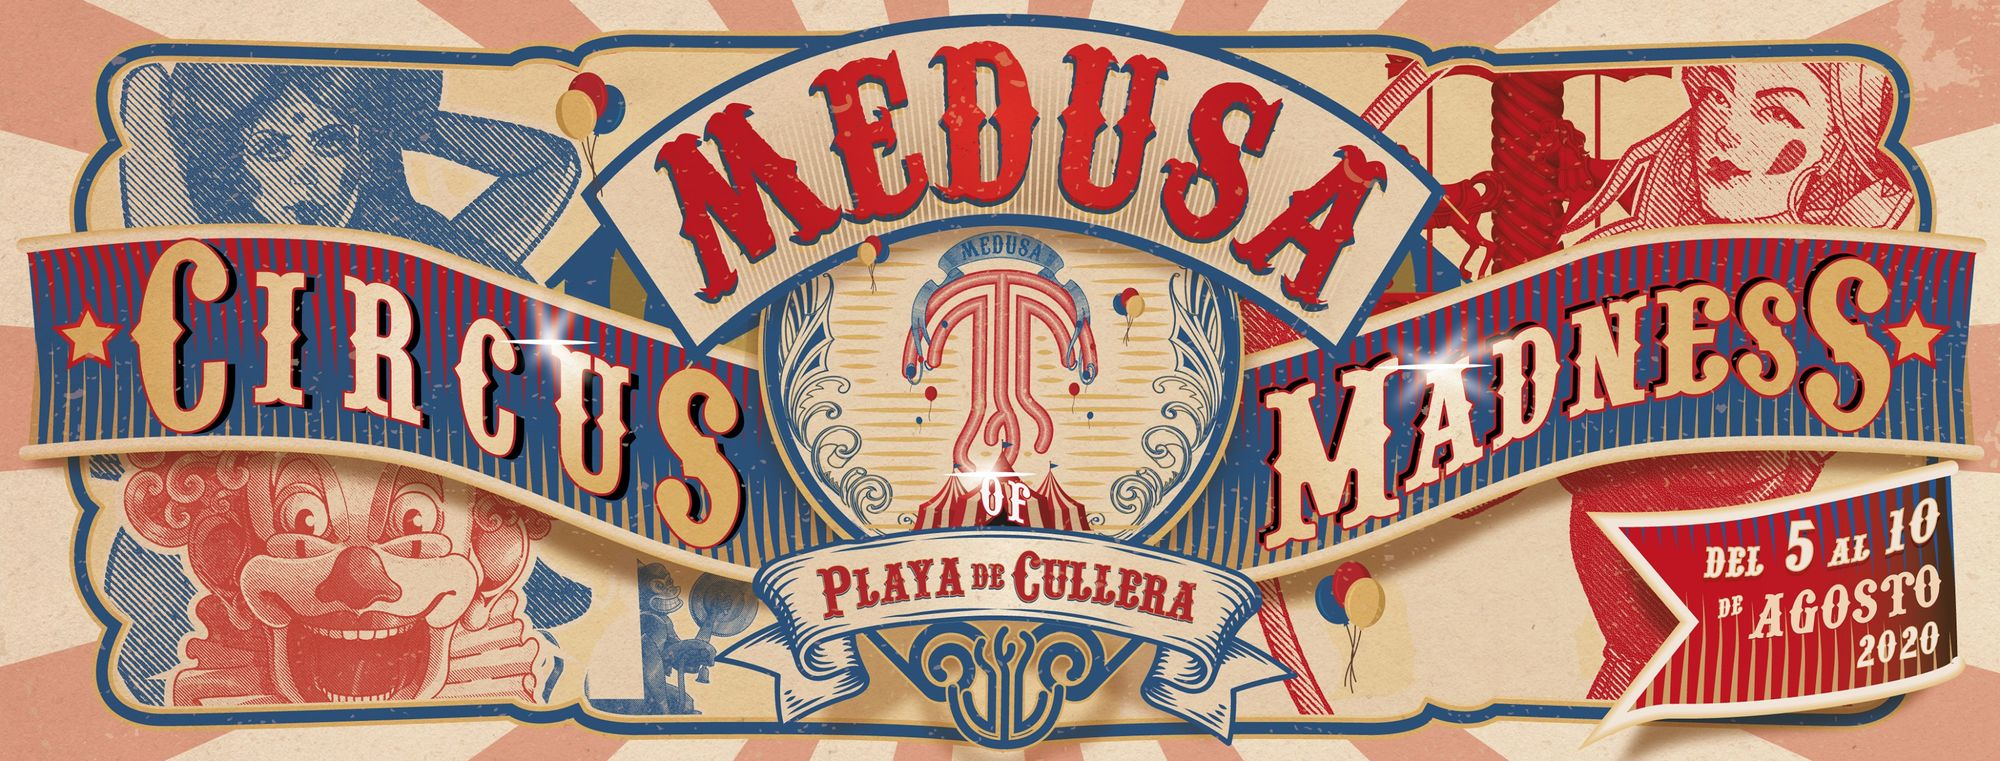 Medusa Festival 2020: confirmaciones, entradas y novedades